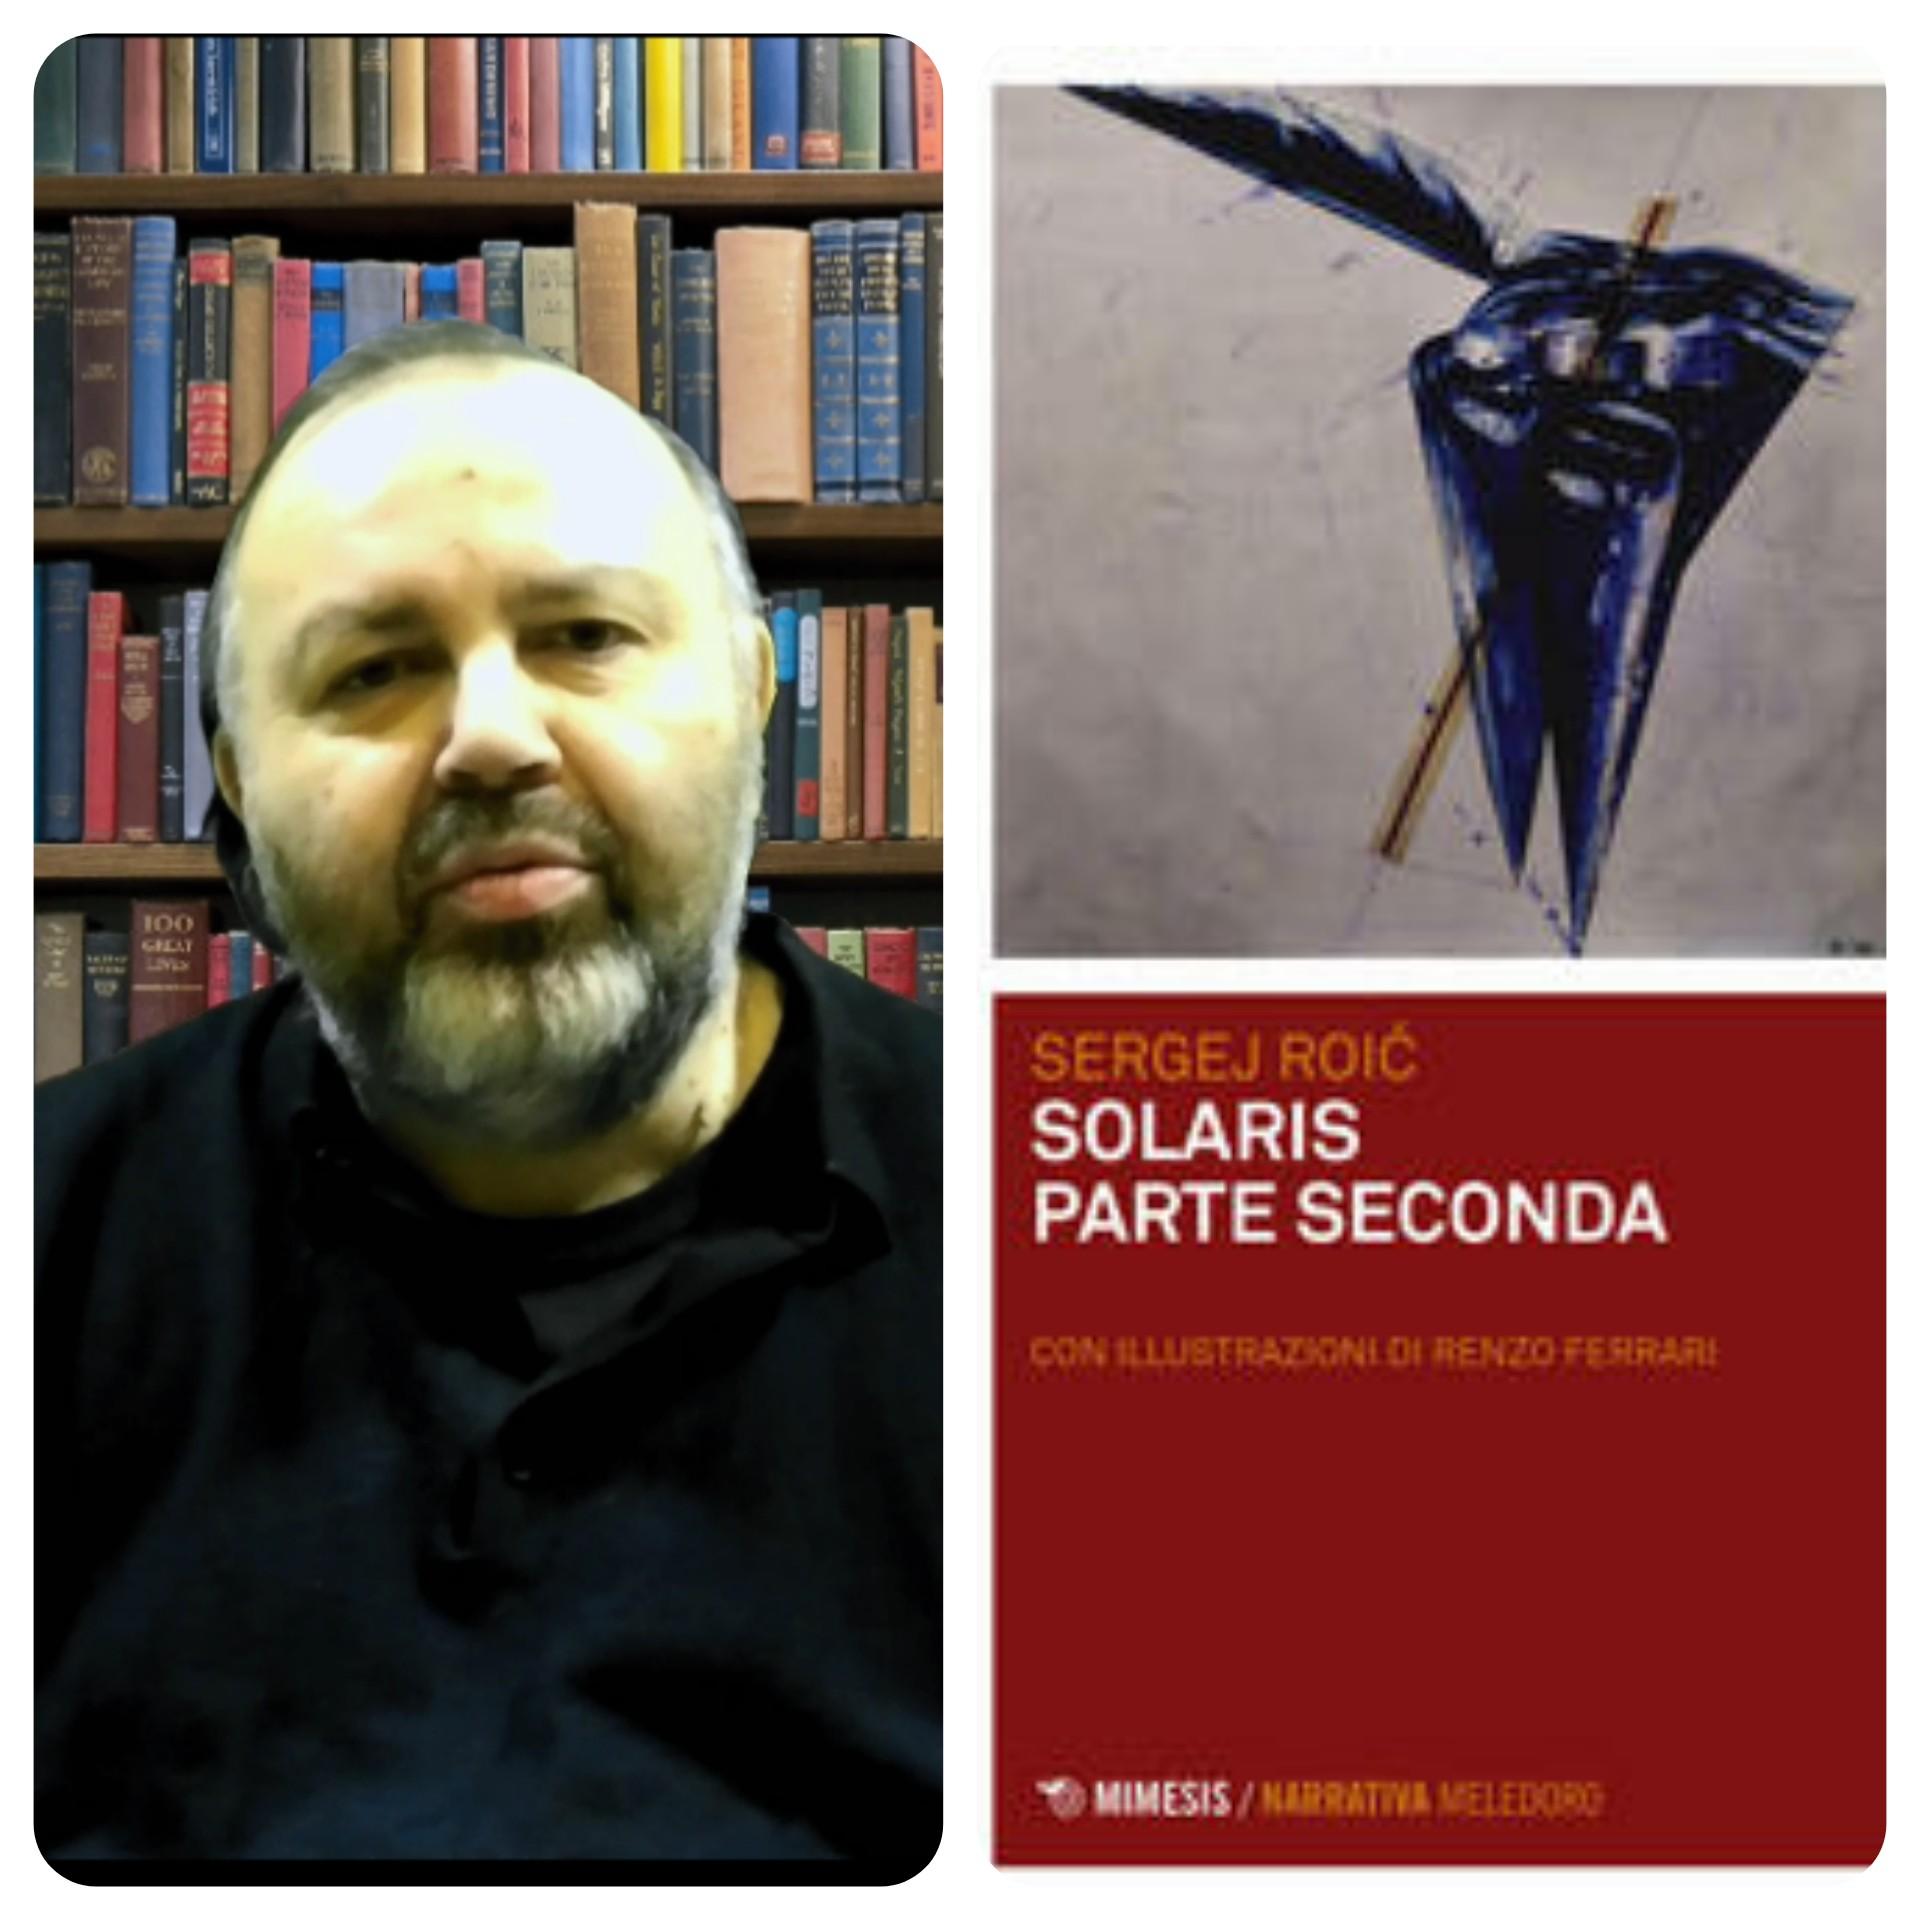 """""""Ve lo legge lo scrittore"""" con Sergej Roic autore del romanzo """"Solaris"""" parte seconda edito da Mimesis"""